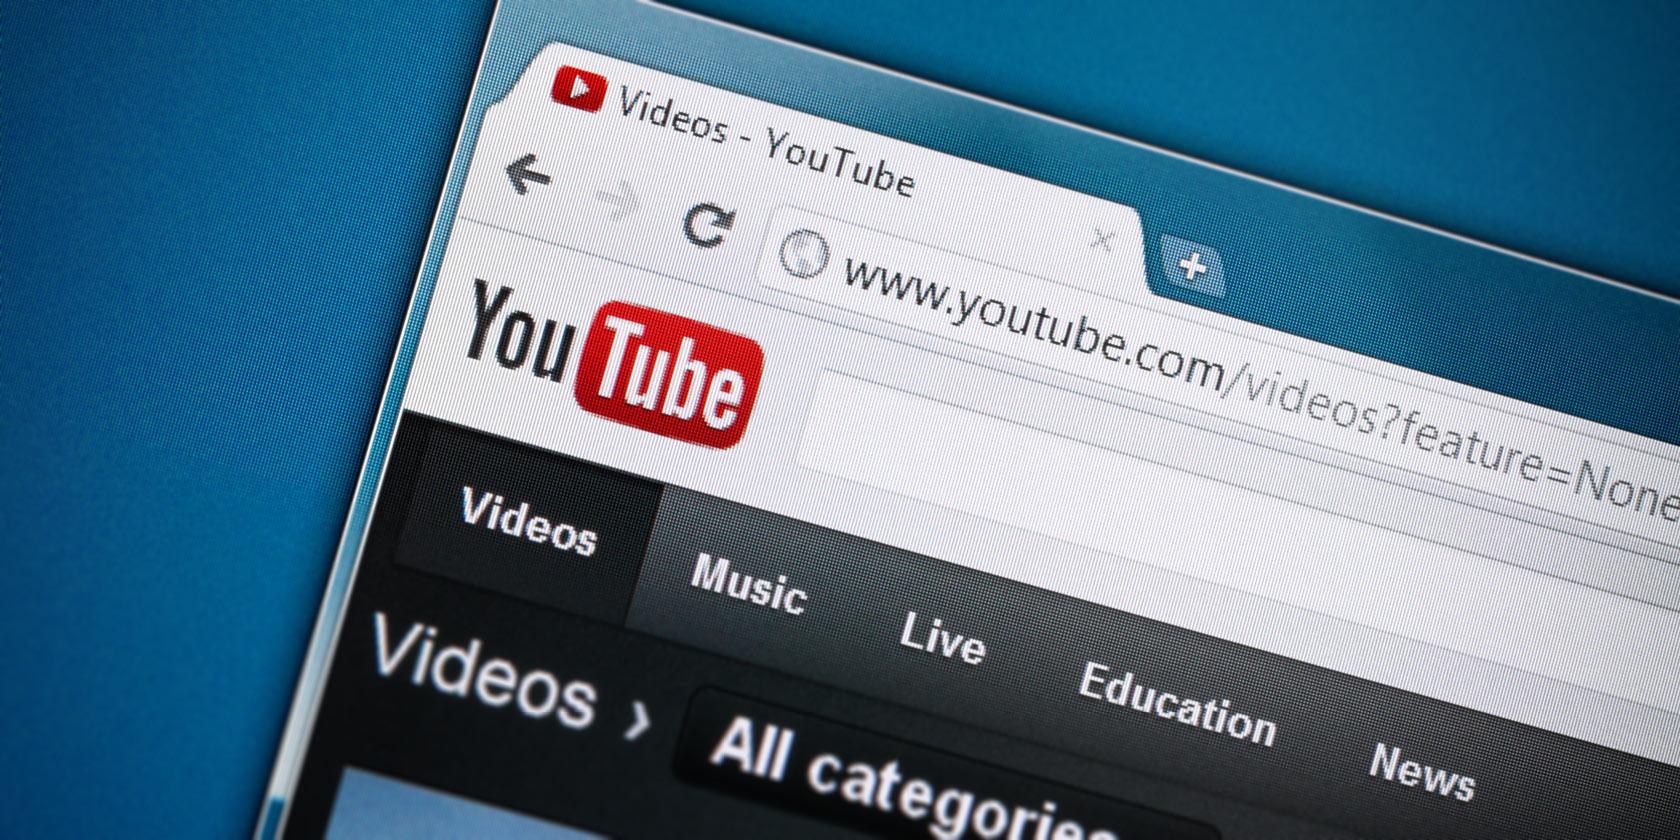 Как отключить рекламу на YouTube без сторонних инструментов